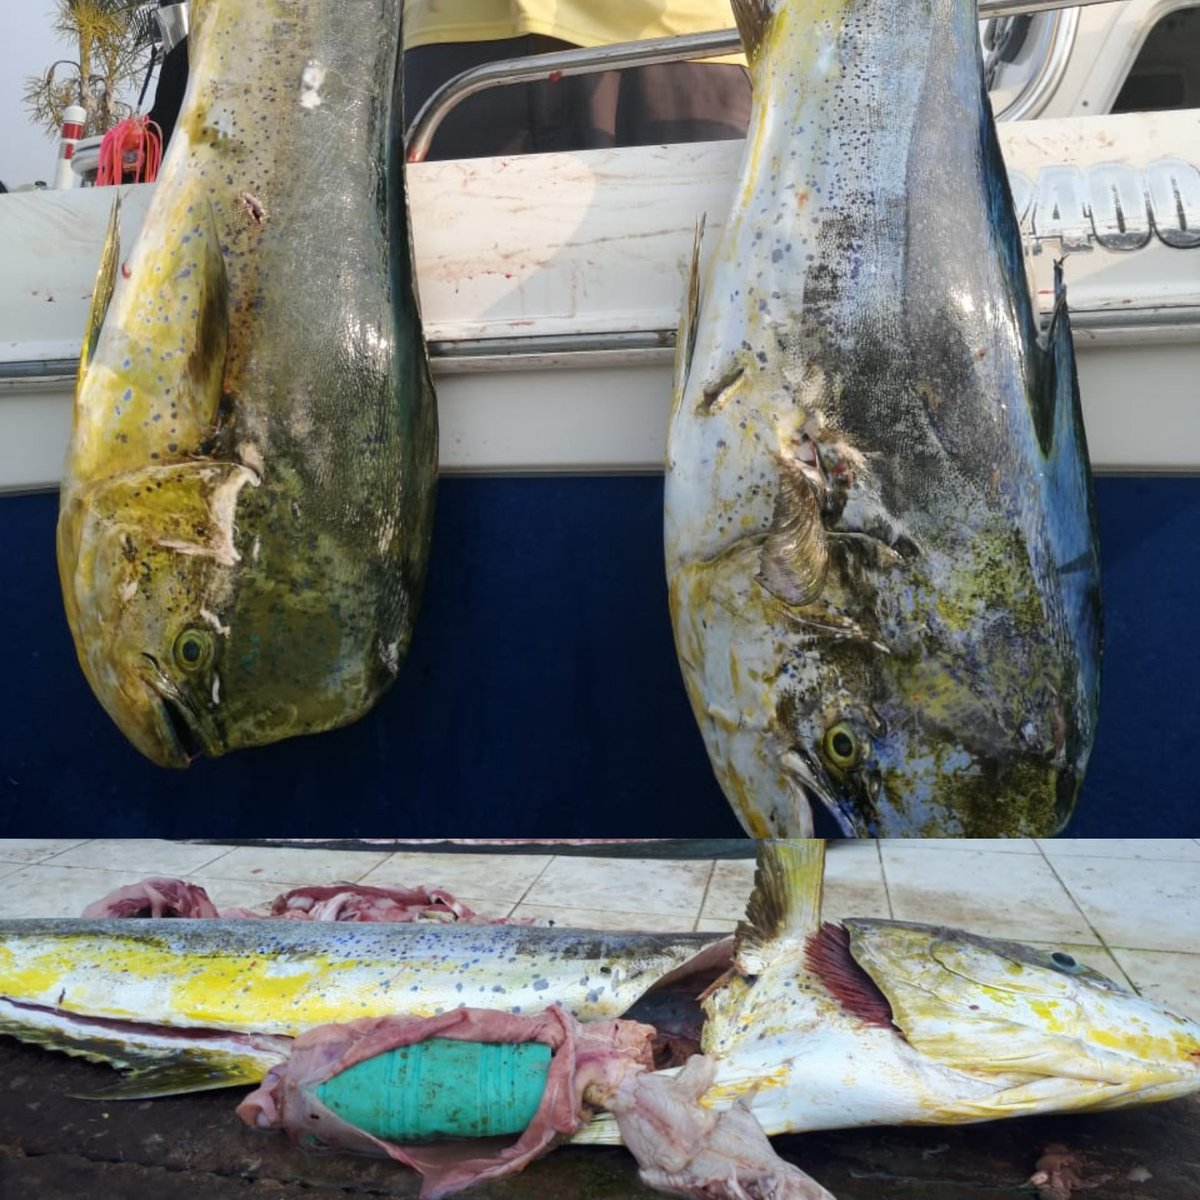 Me comparten estas fotos desde Tampico. Cada vez más especies son víctimas del plástico, lamentable.